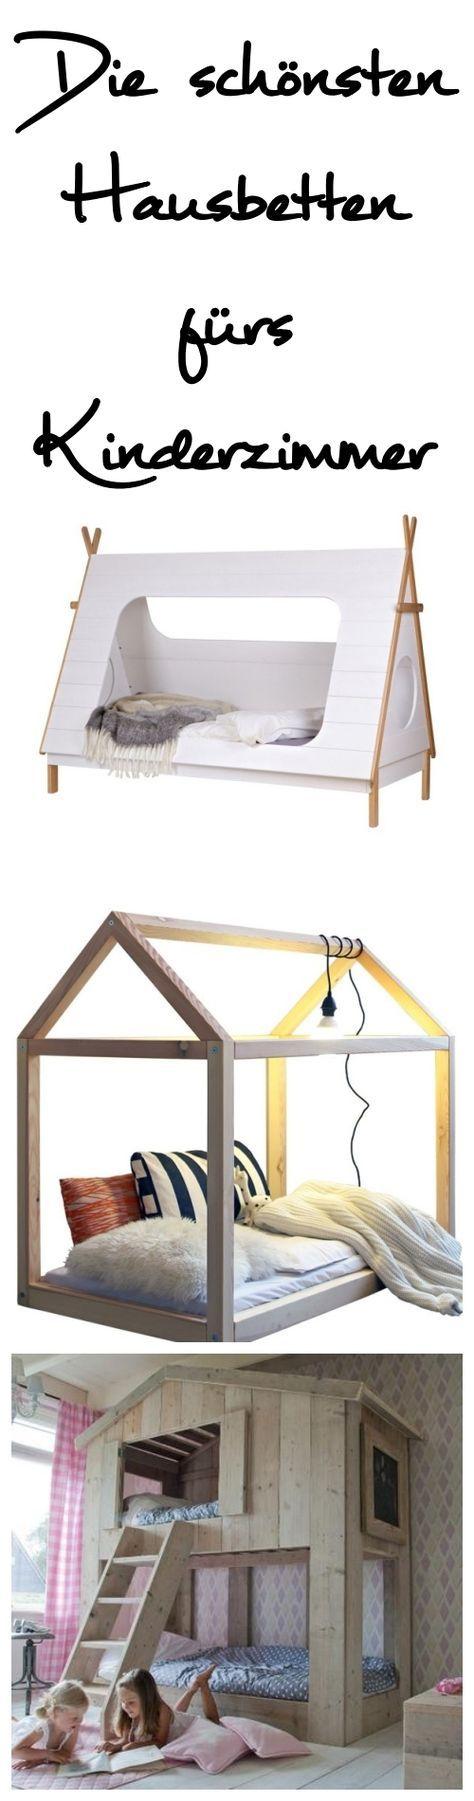 kinderzimmer die sch nsten hausbetten f r kinder baby pinterest diy kinderbett sch ne. Black Bedroom Furniture Sets. Home Design Ideas